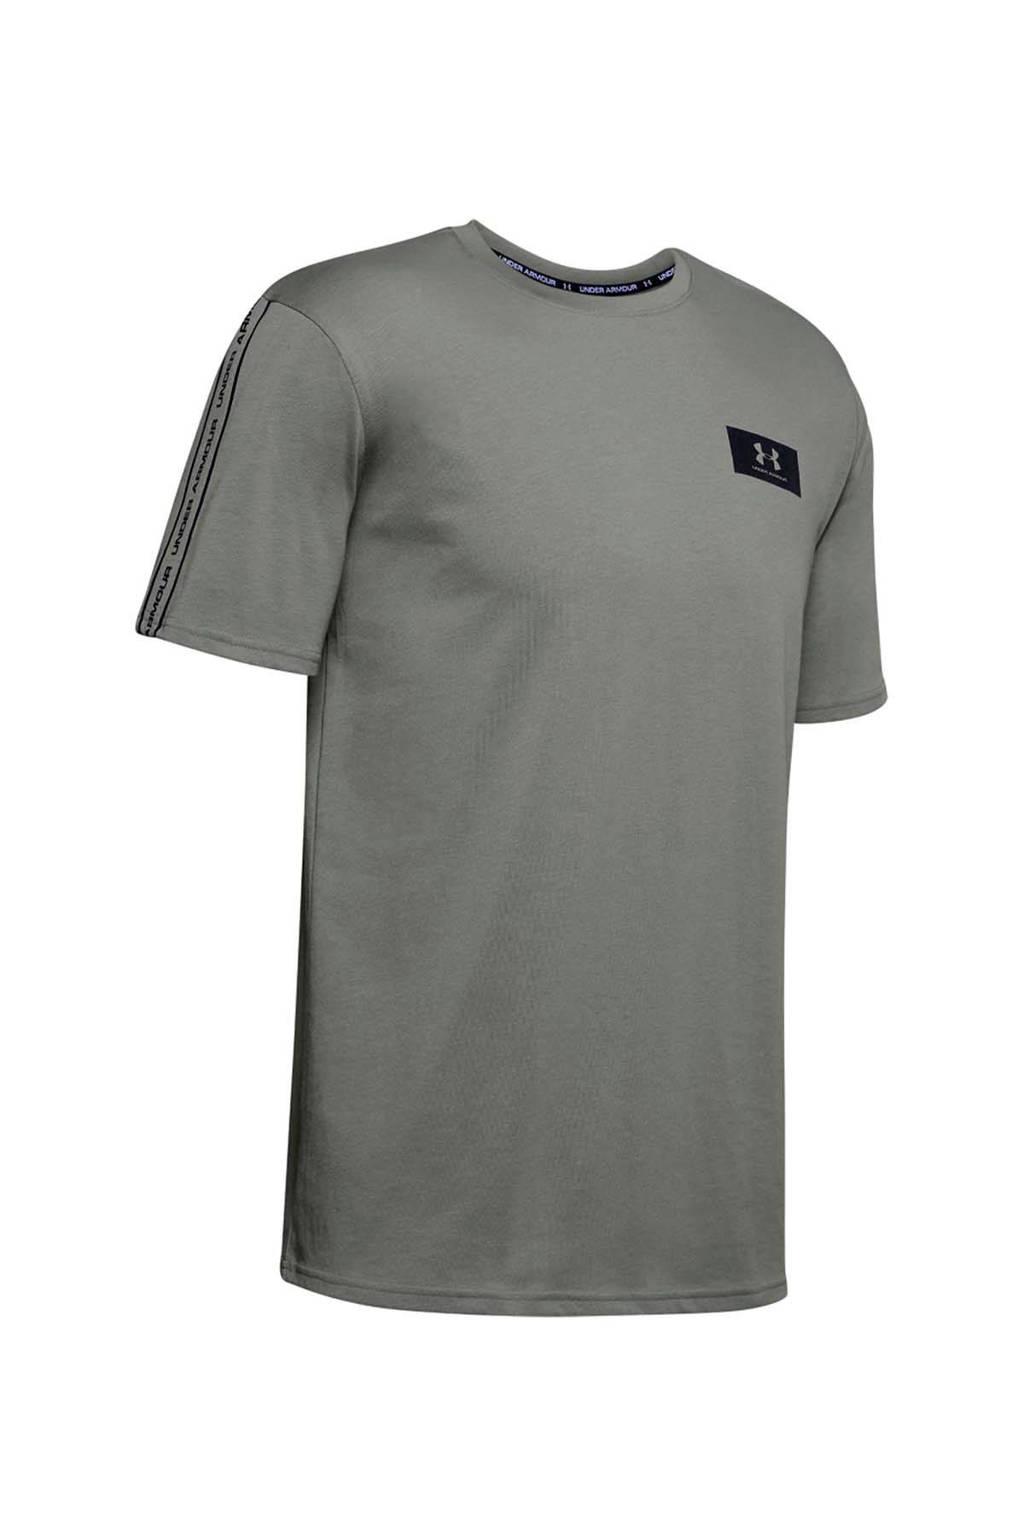 Under Armour   sport T-shirt olijfgroen, Olijfgroen